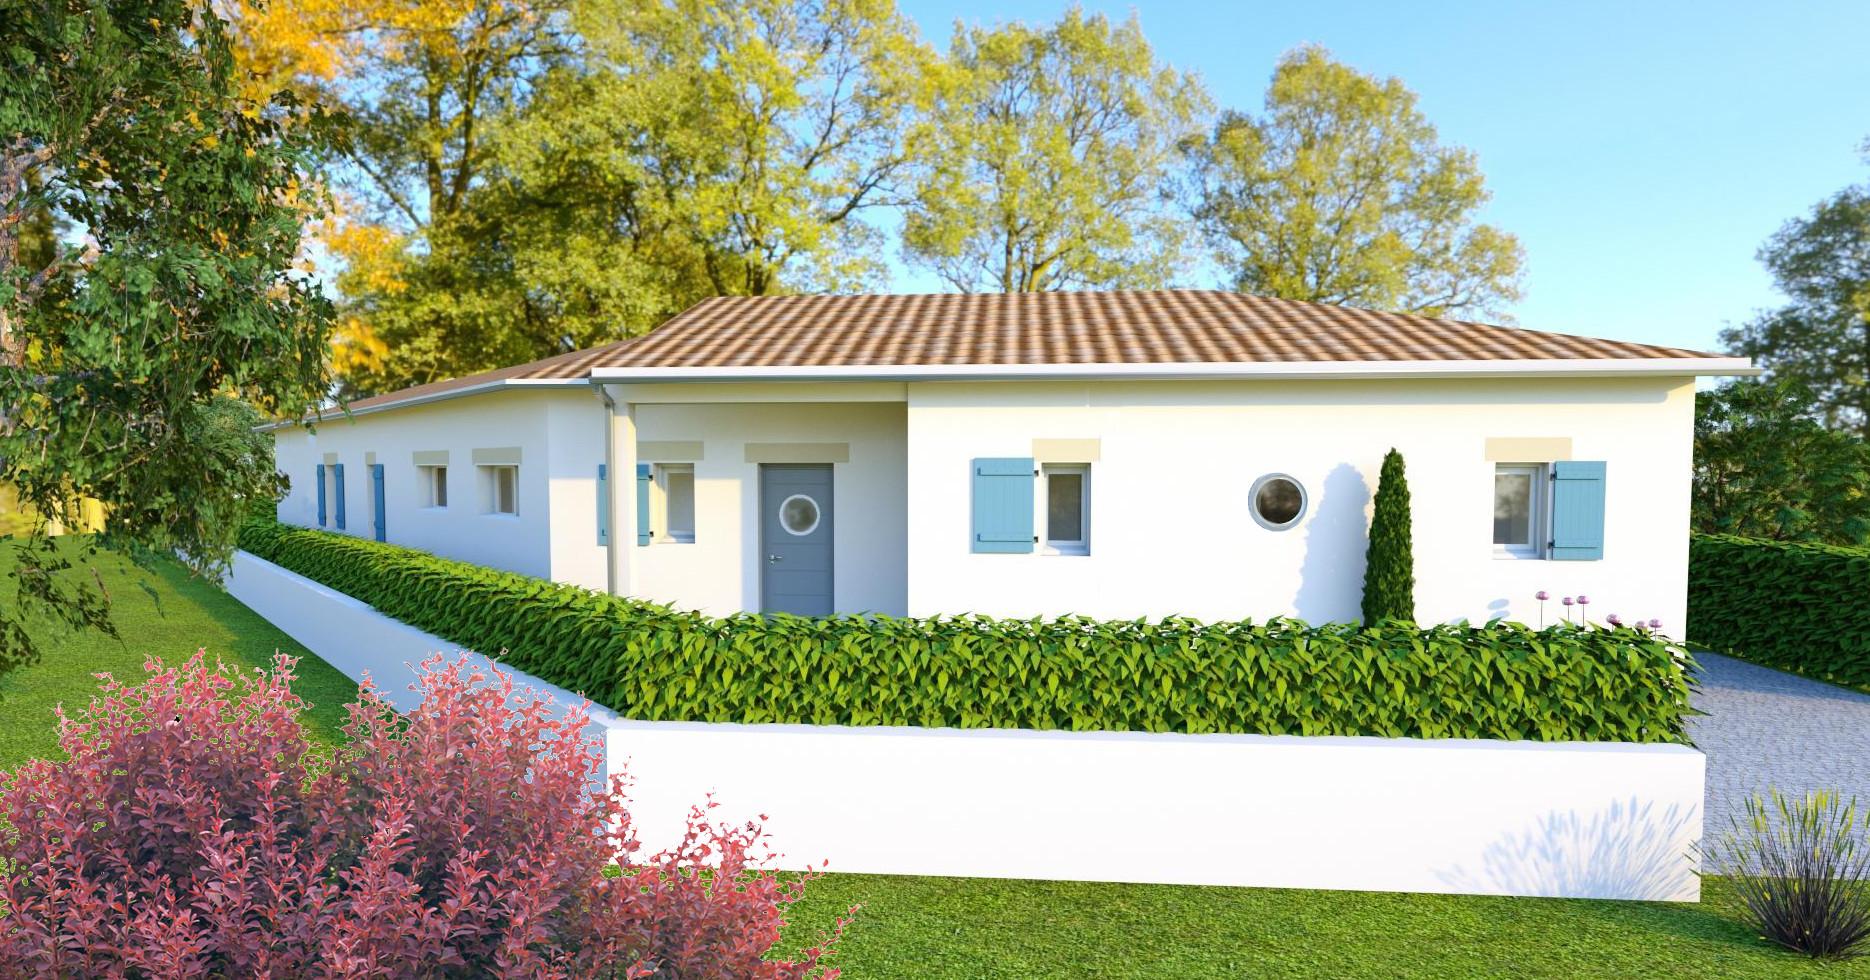 Maison personnalisee maison h raud constructeur de for Constructeur maison 33